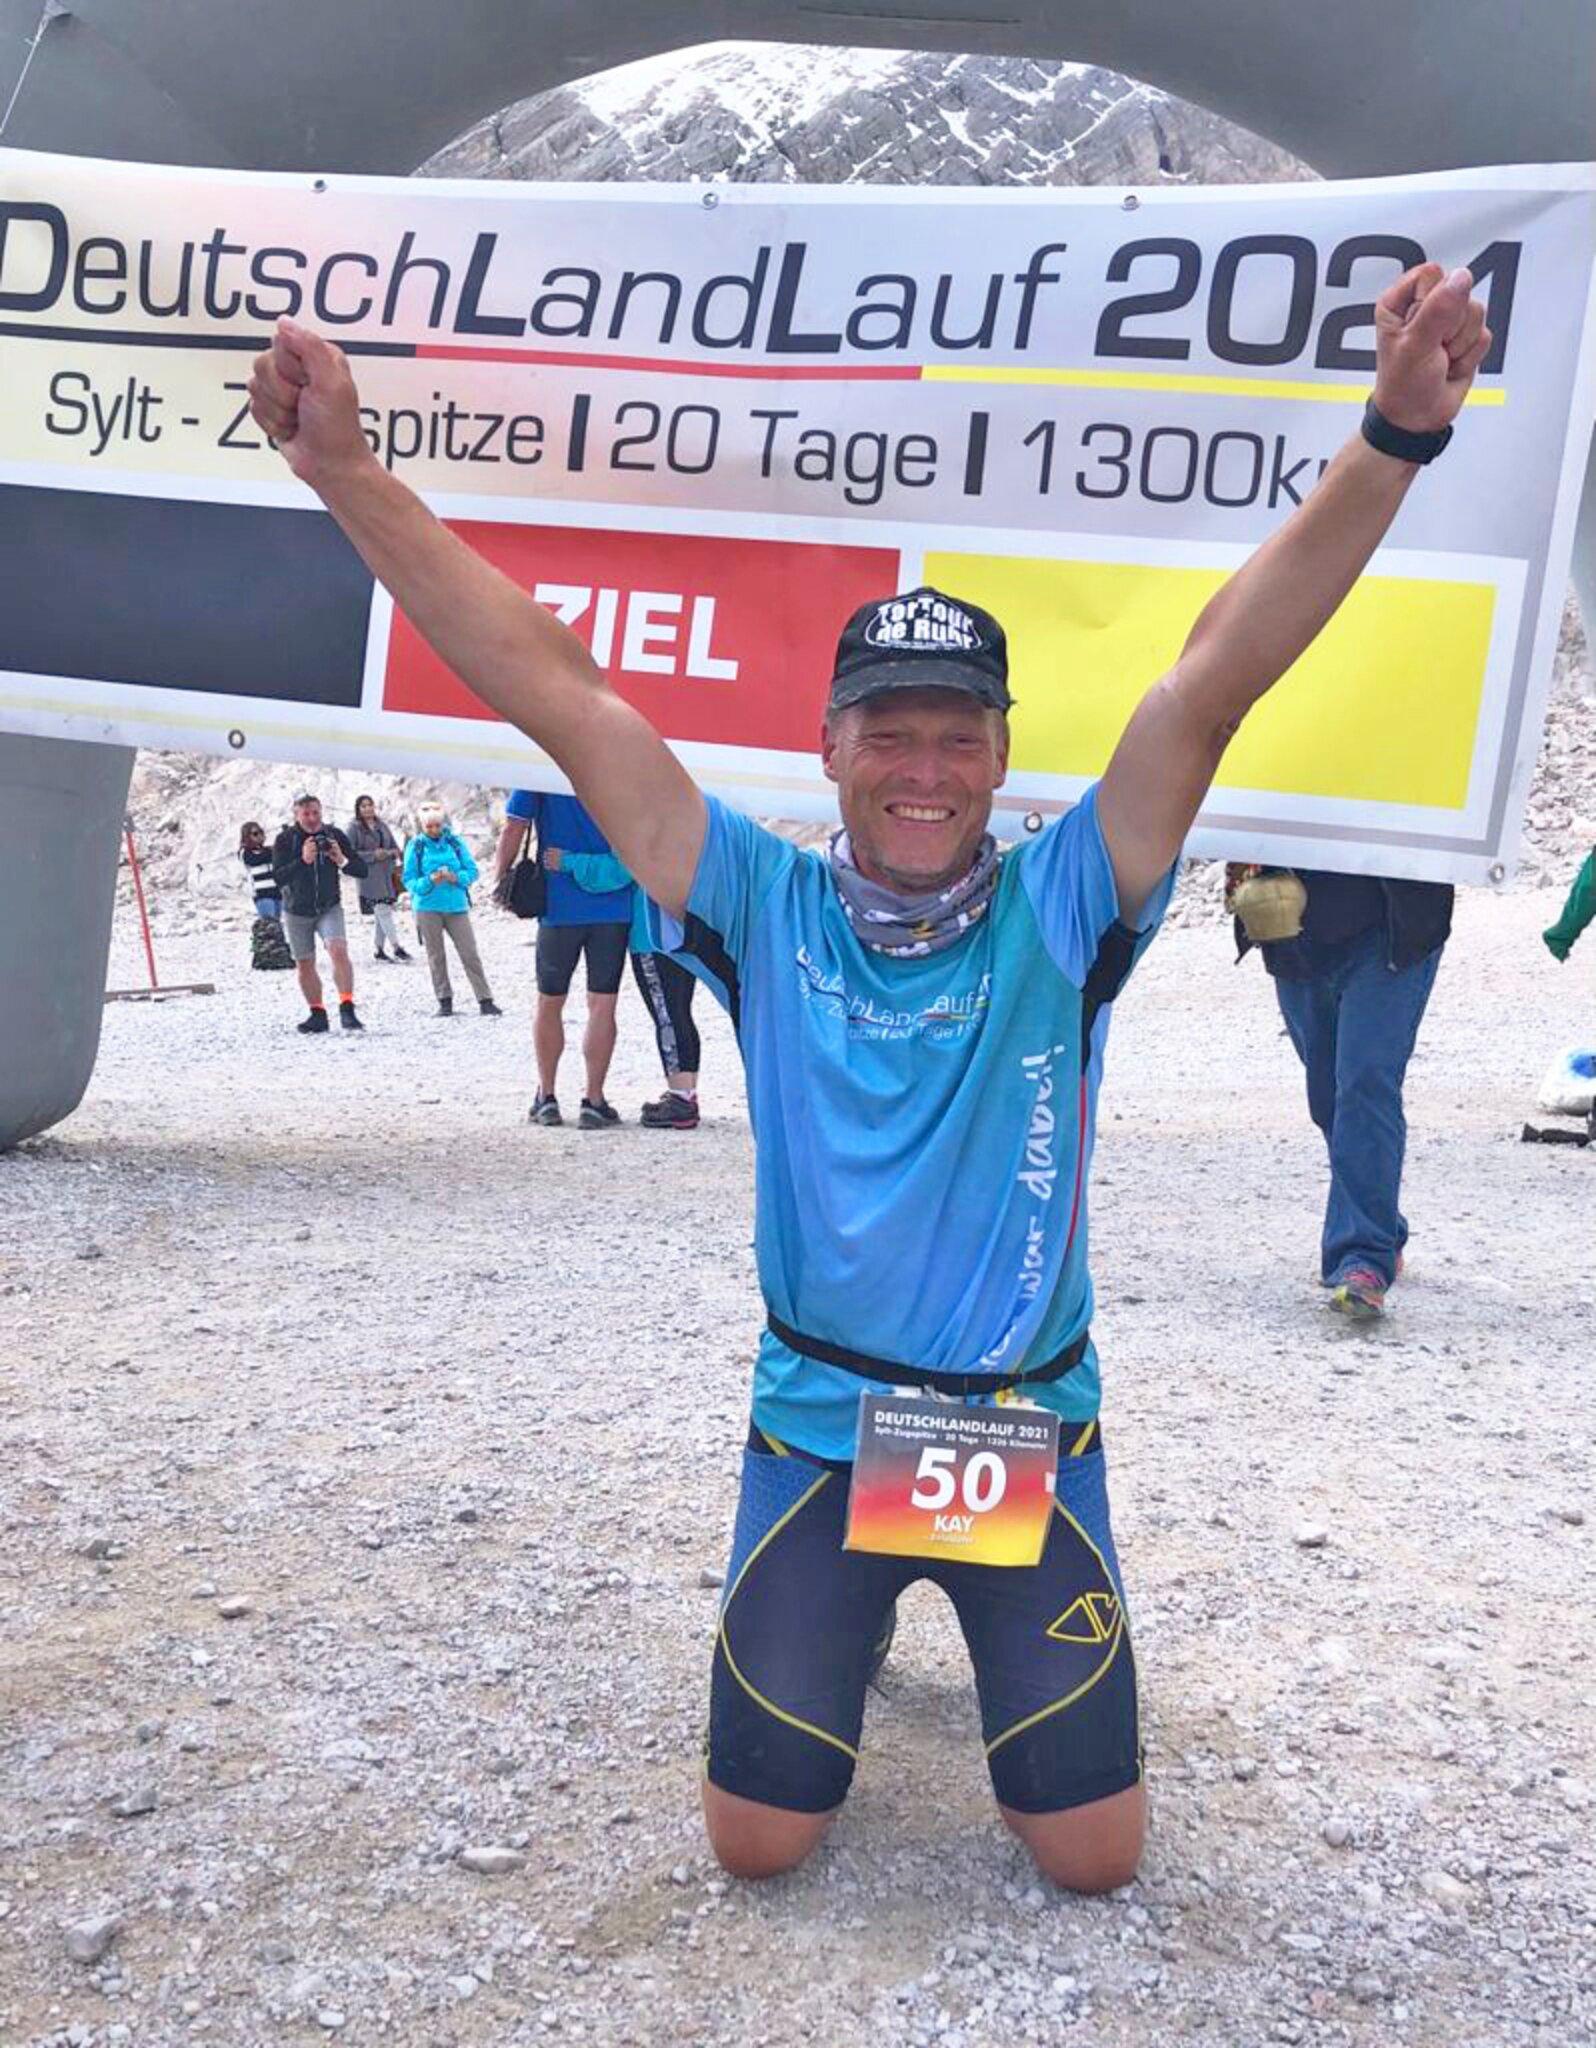 Der Extremsportler hat den Deutschlandlauf absolviert                                                                  Kay Giese: Der Mann, der in 20 Tagen durch Deutschland rennt